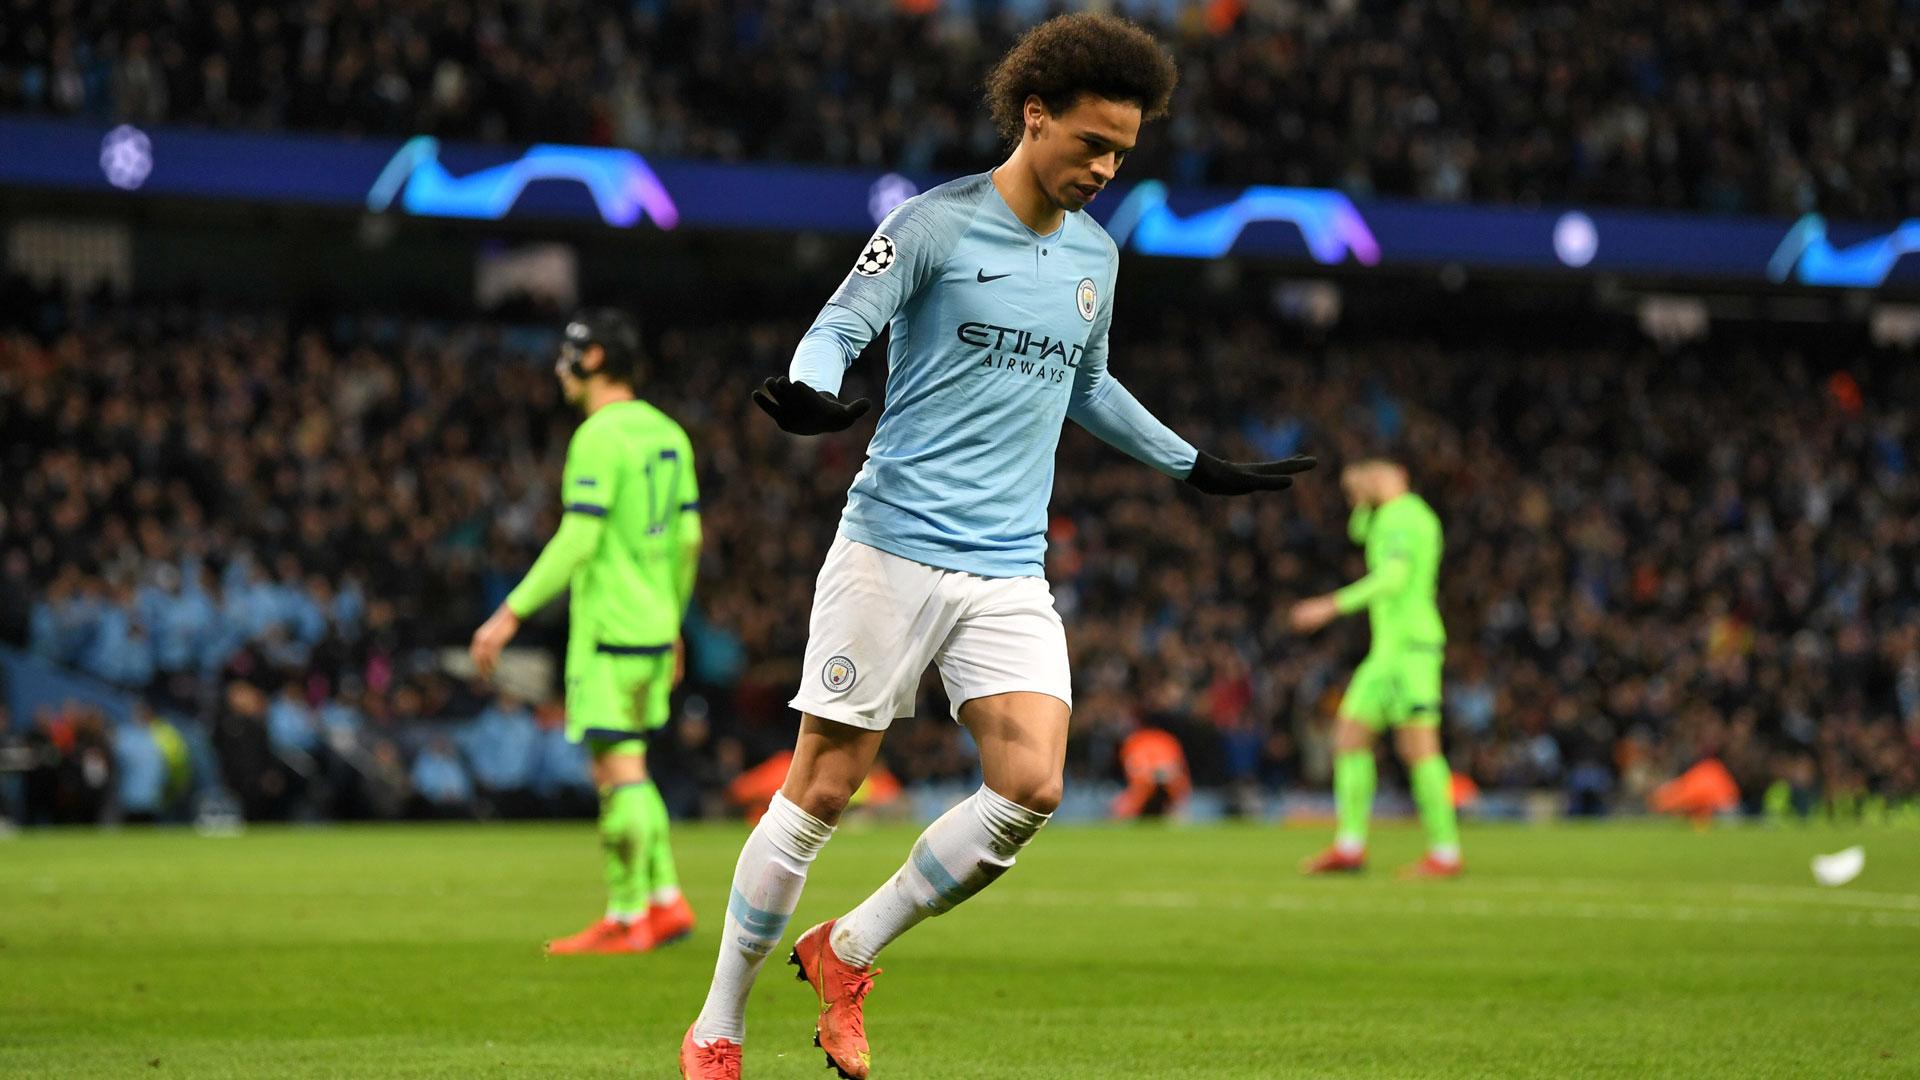 Leroy Sane Manchester City Schalke 04 Champions League 12032019